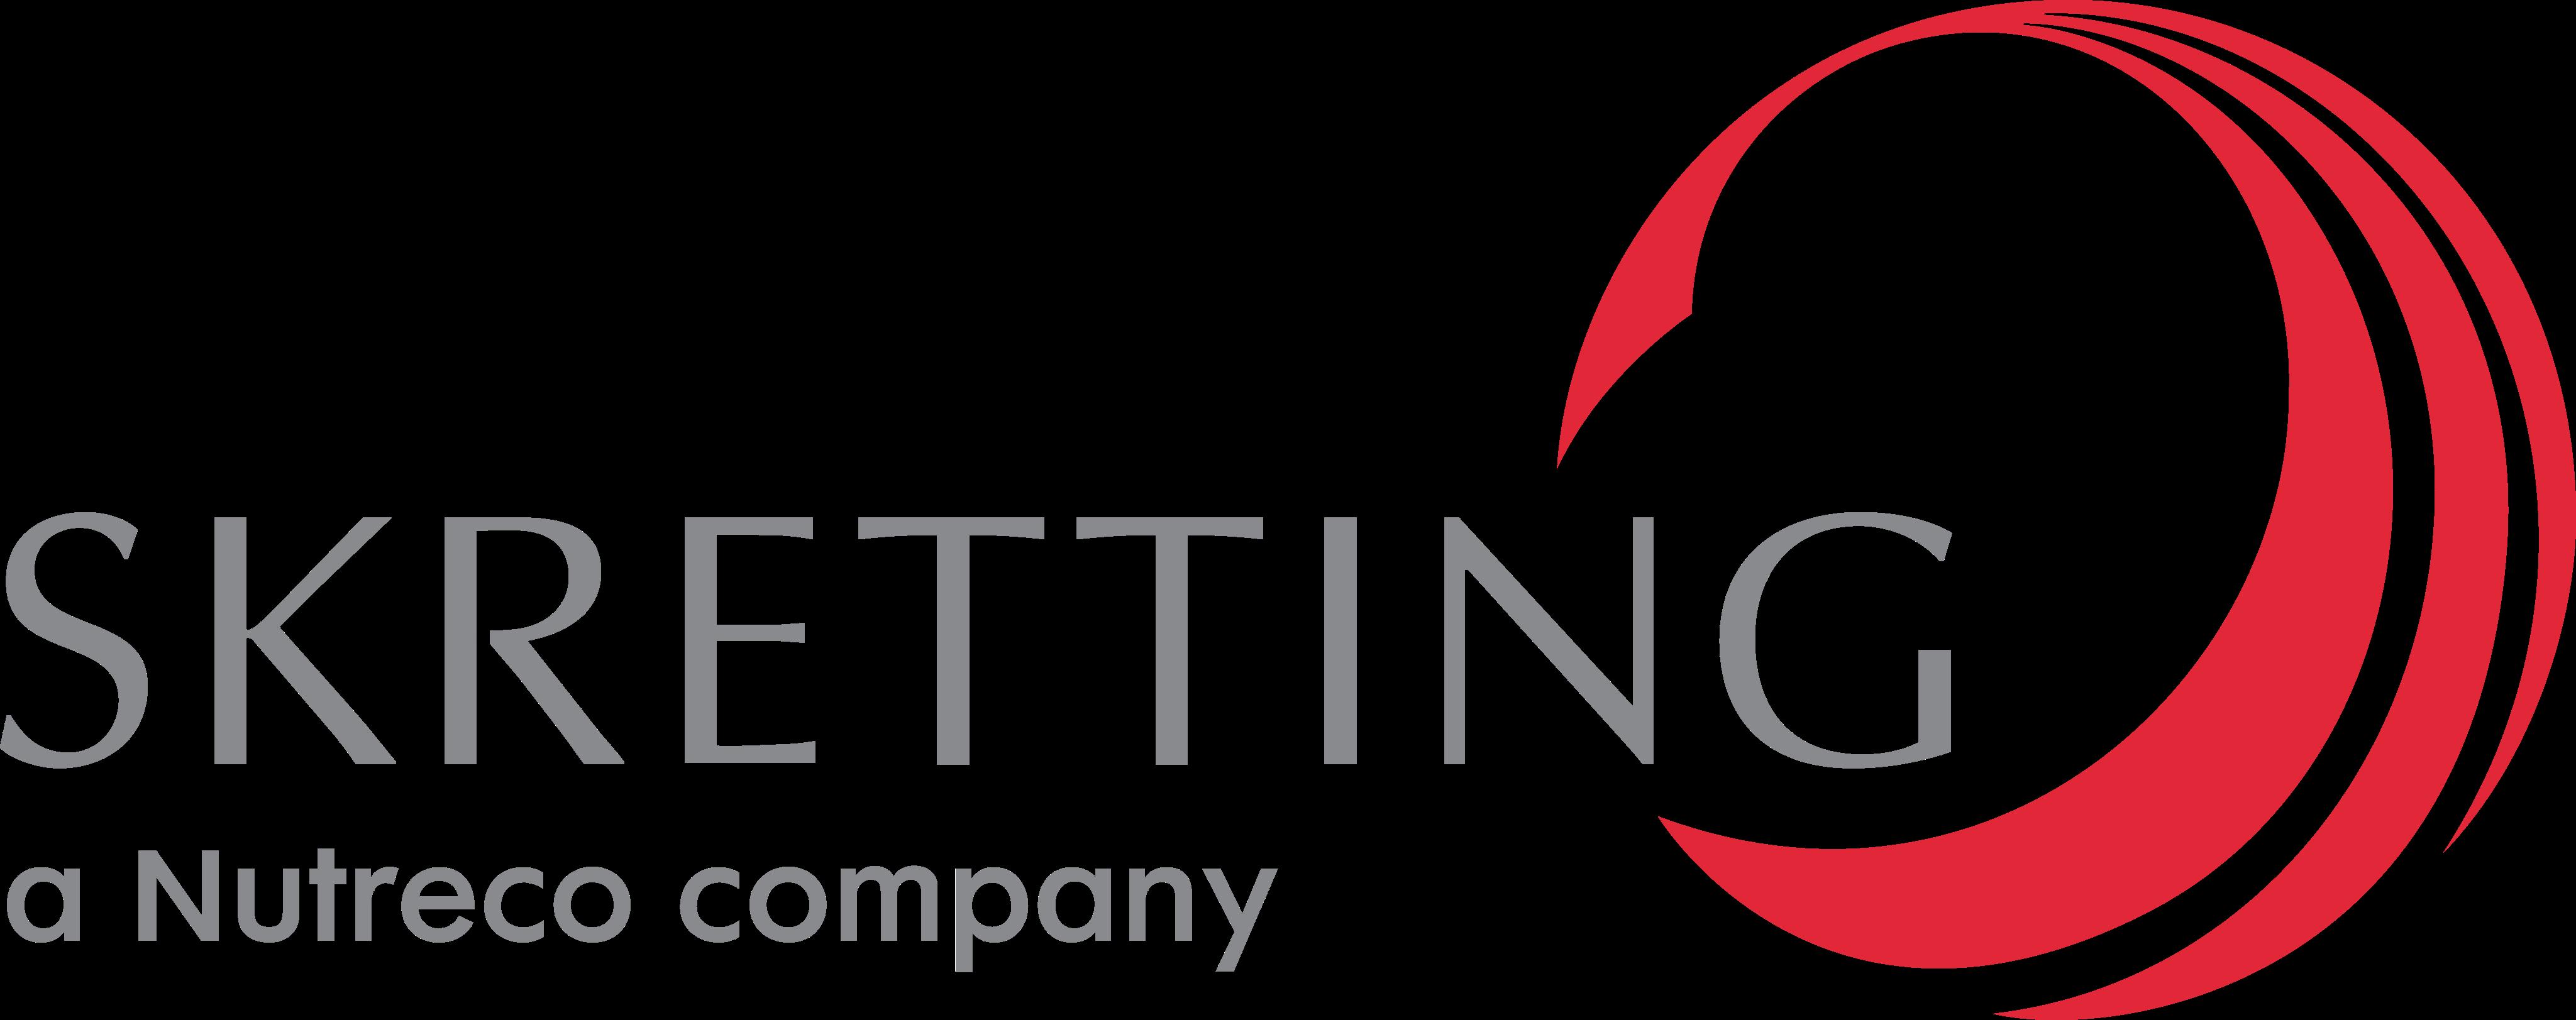 skretting logo - Skretting Logo